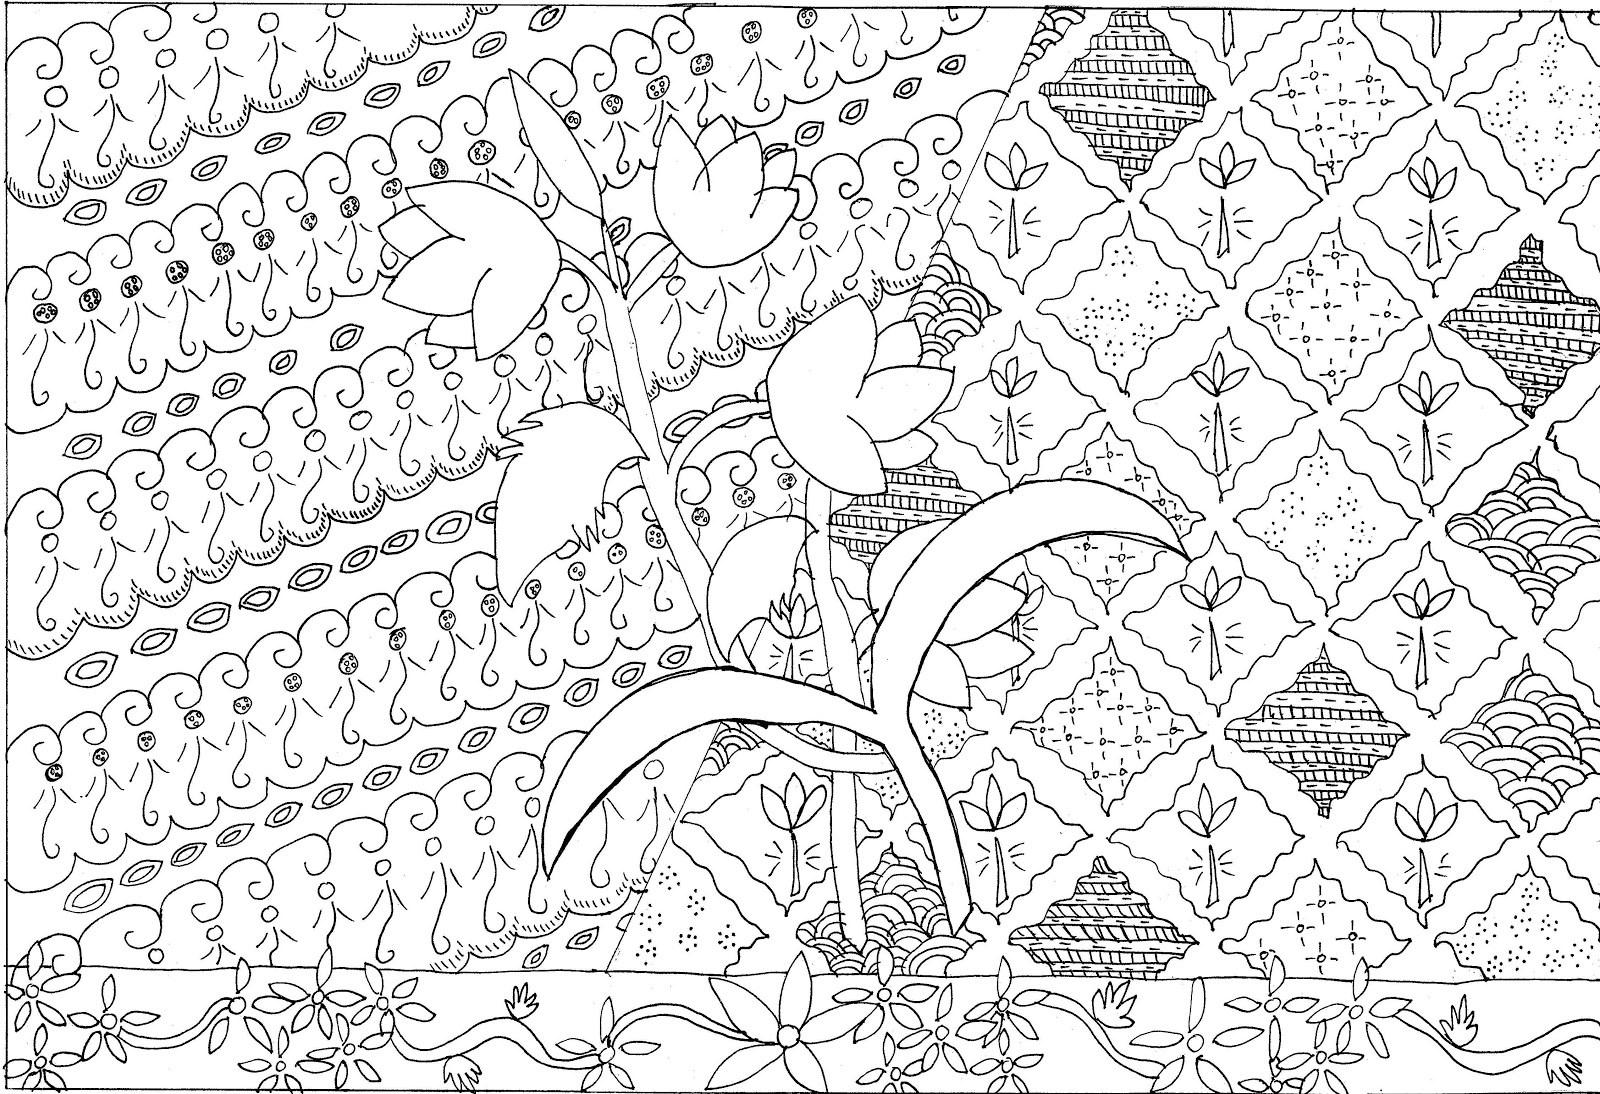 Gambar Sketsa Untuk Mewarnai Anak SD kelas 3